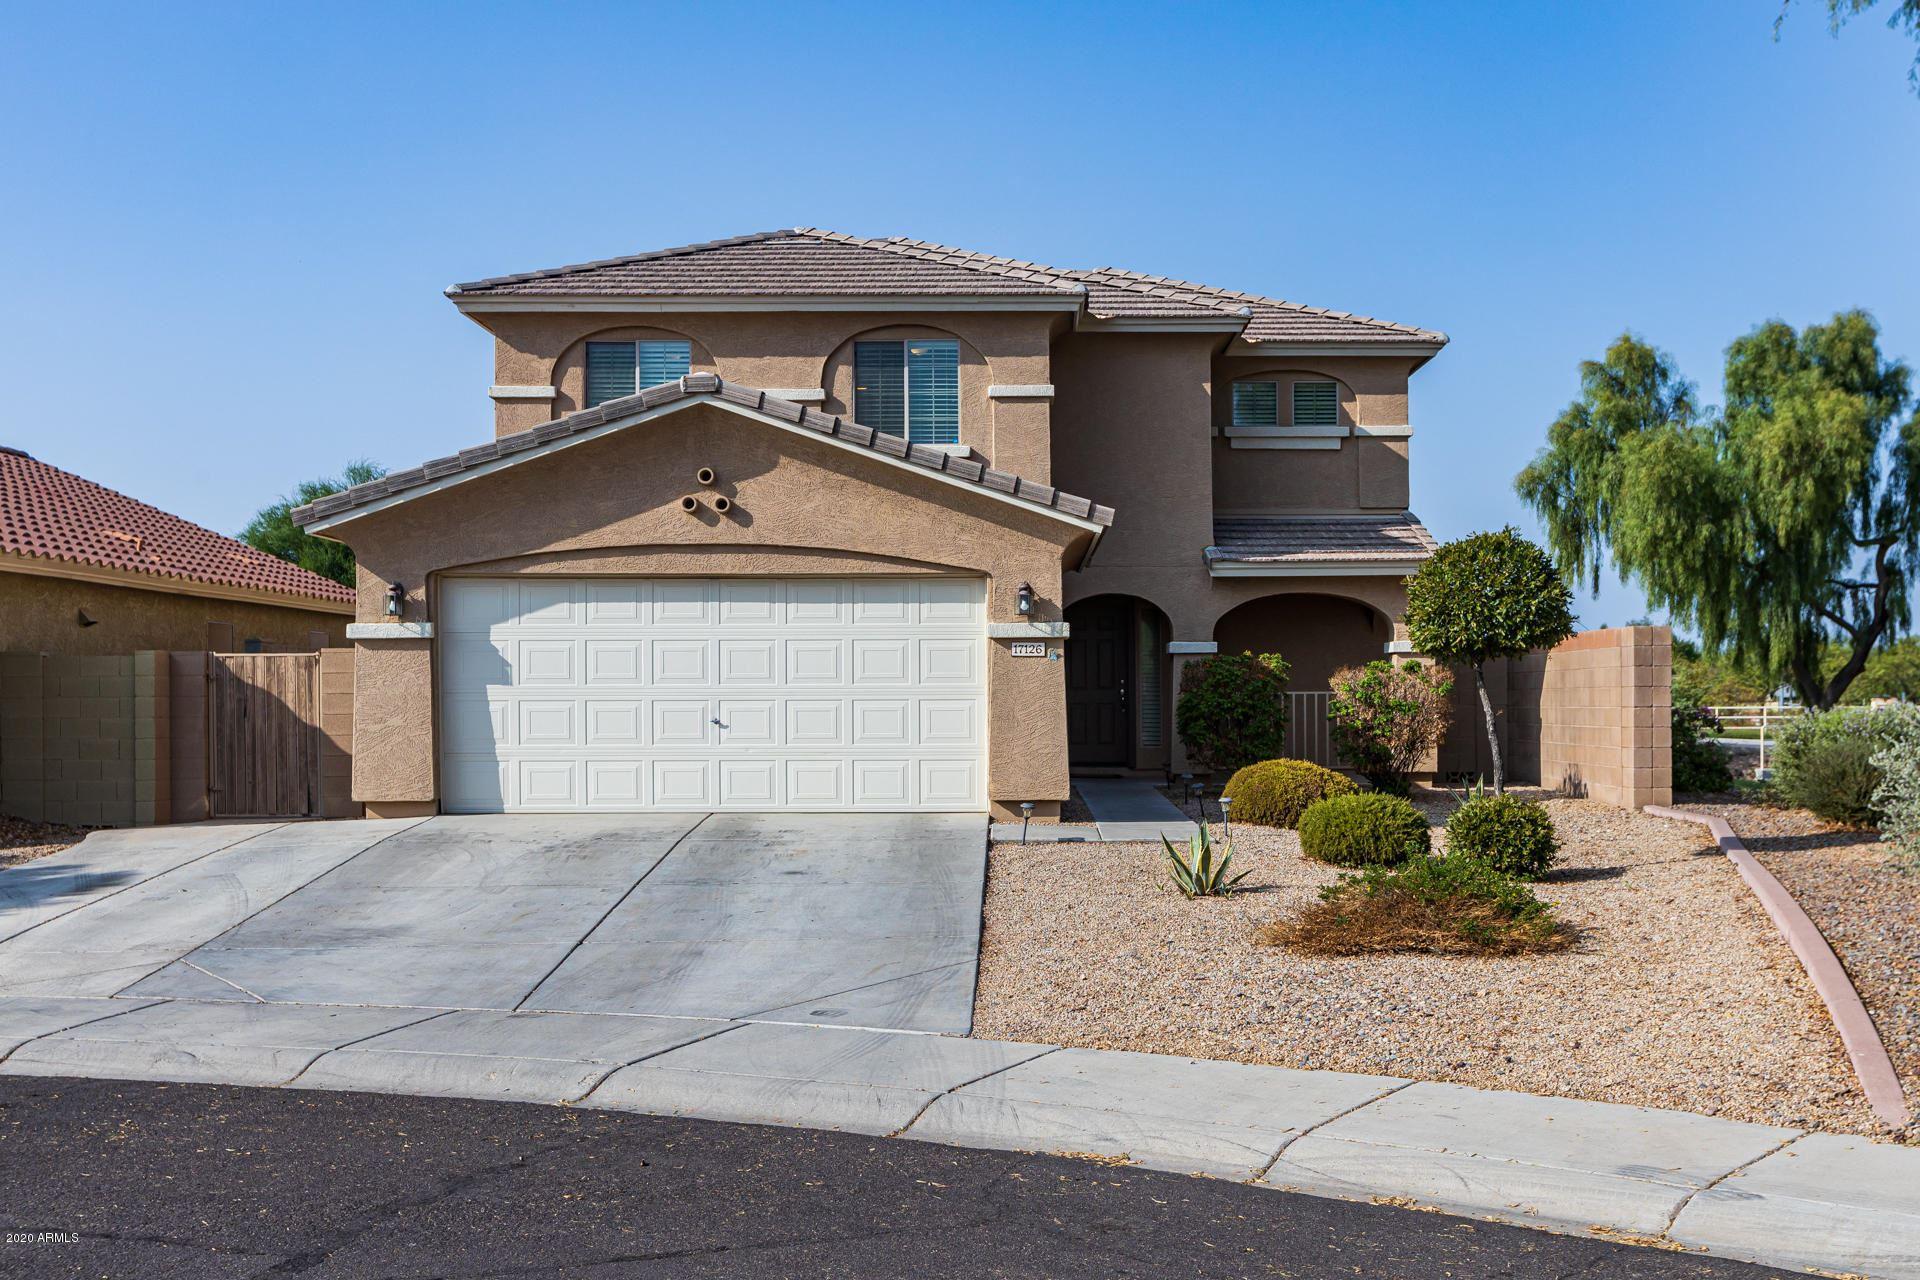 17126 W PORT ROYALE Lane, Surprise, AZ 85388 - MLS#: 6137352